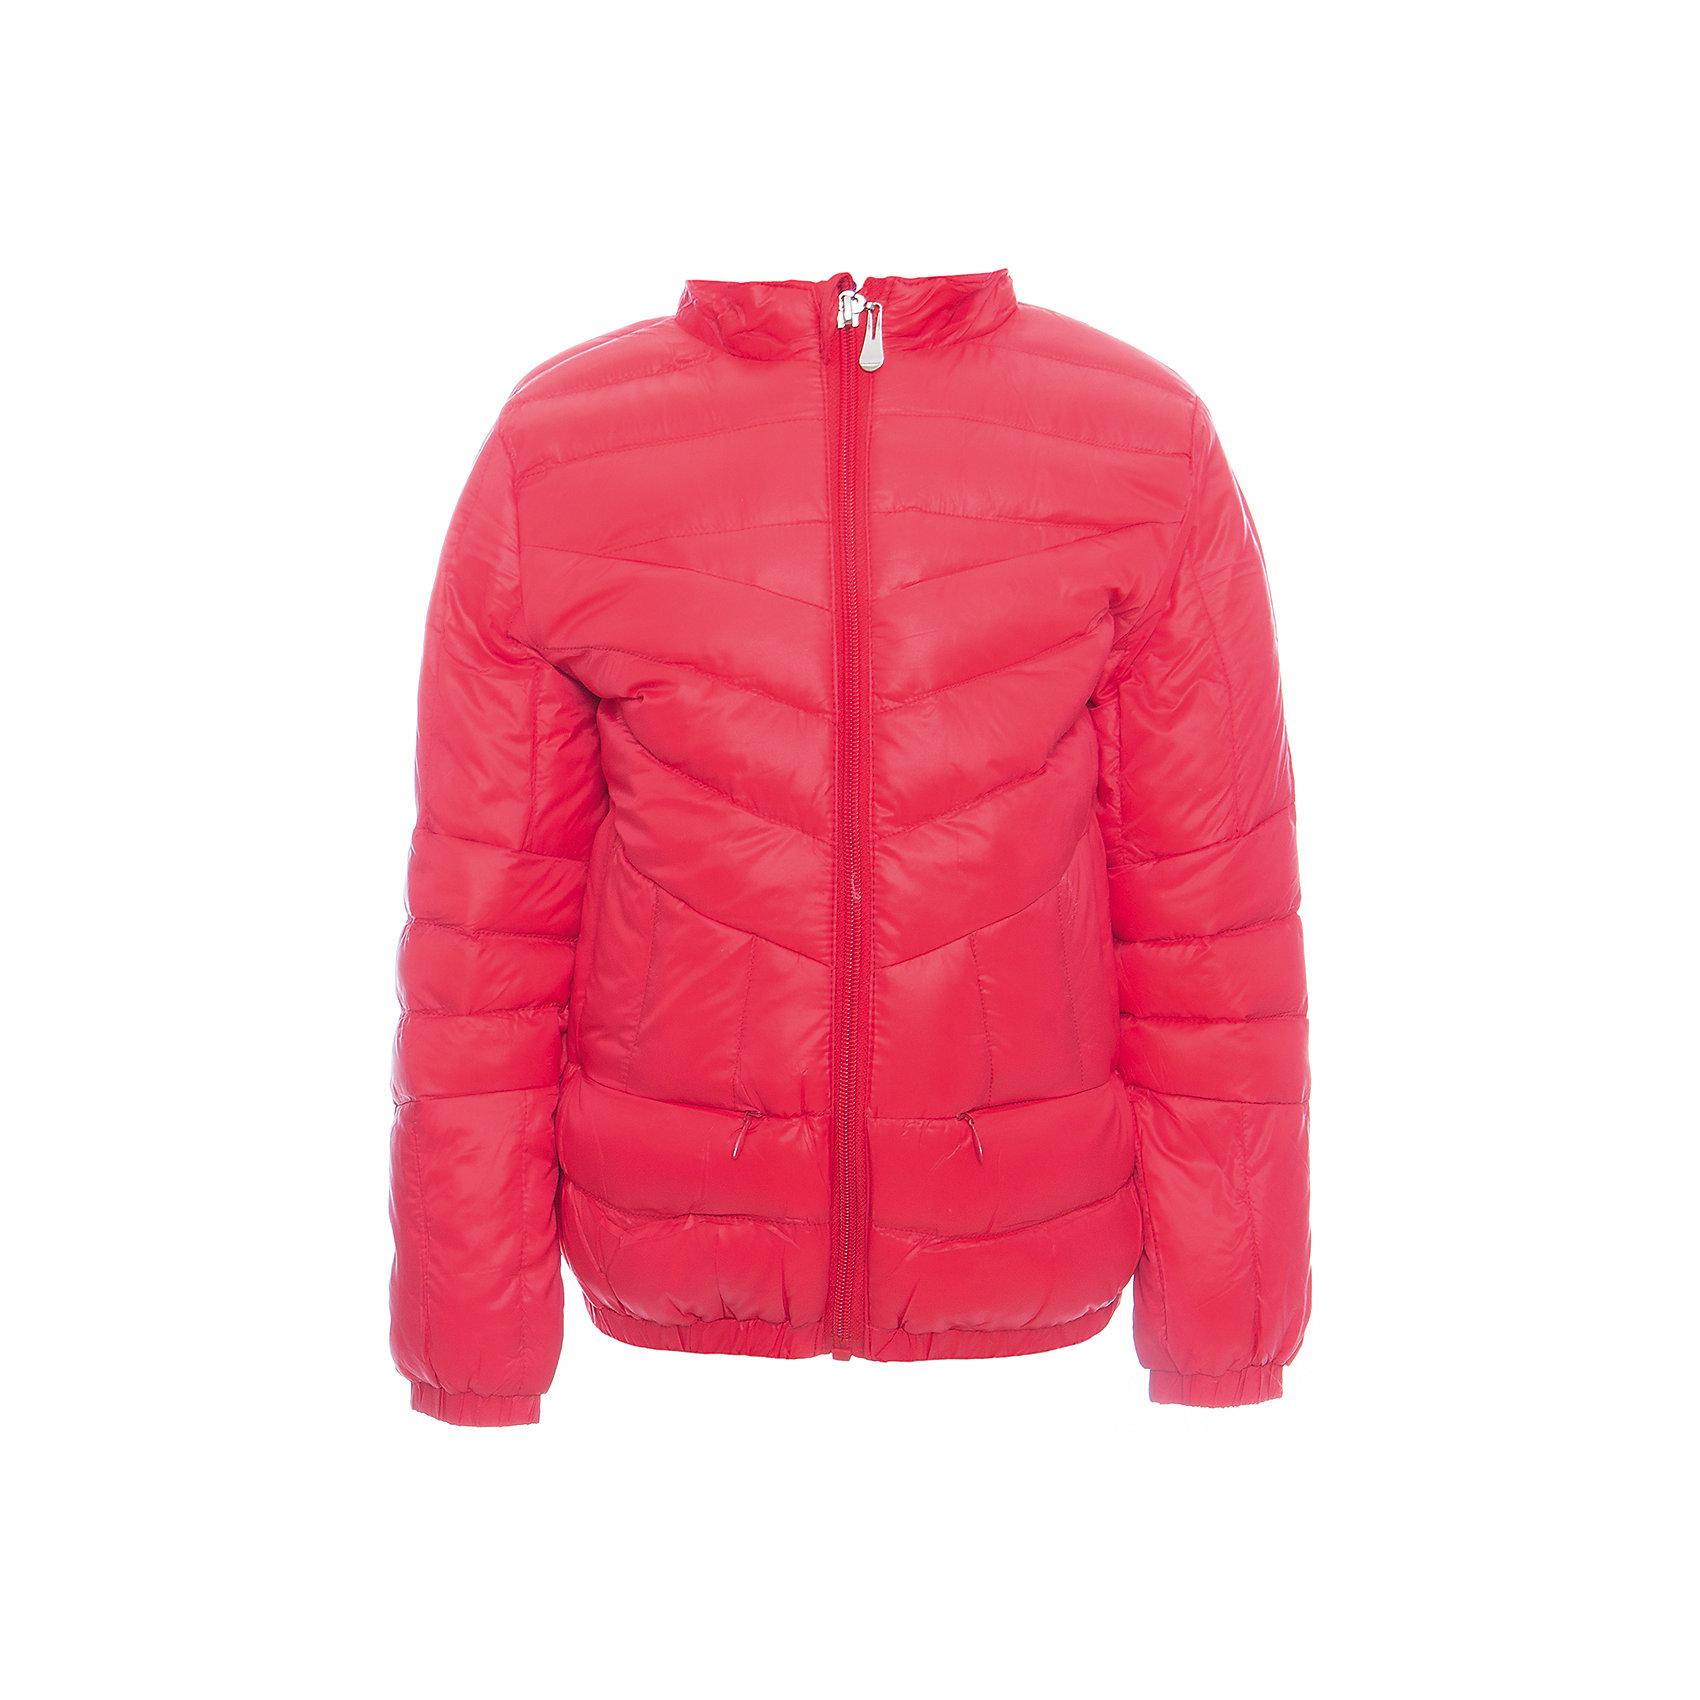 Куртка для девочки Sweet BerryВерхняя одежда<br>Легкая и удобная стеганая куртка с воротничком-стойкой для девочки. Два прорезных карманы на молнии.<br>Состав:<br>Верх: 100%нейлон.  Подкладка: 100%полиэстер. Наполнитель: 100%полиэстер<br><br>Ширина мм: 356<br>Глубина мм: 10<br>Высота мм: 245<br>Вес г: 519<br>Цвет: красный<br>Возраст от месяцев: 48<br>Возраст до месяцев: 60<br>Пол: Женский<br>Возраст: Детский<br>Размер: 110,116,122,128,104,98<br>SKU: 5412065